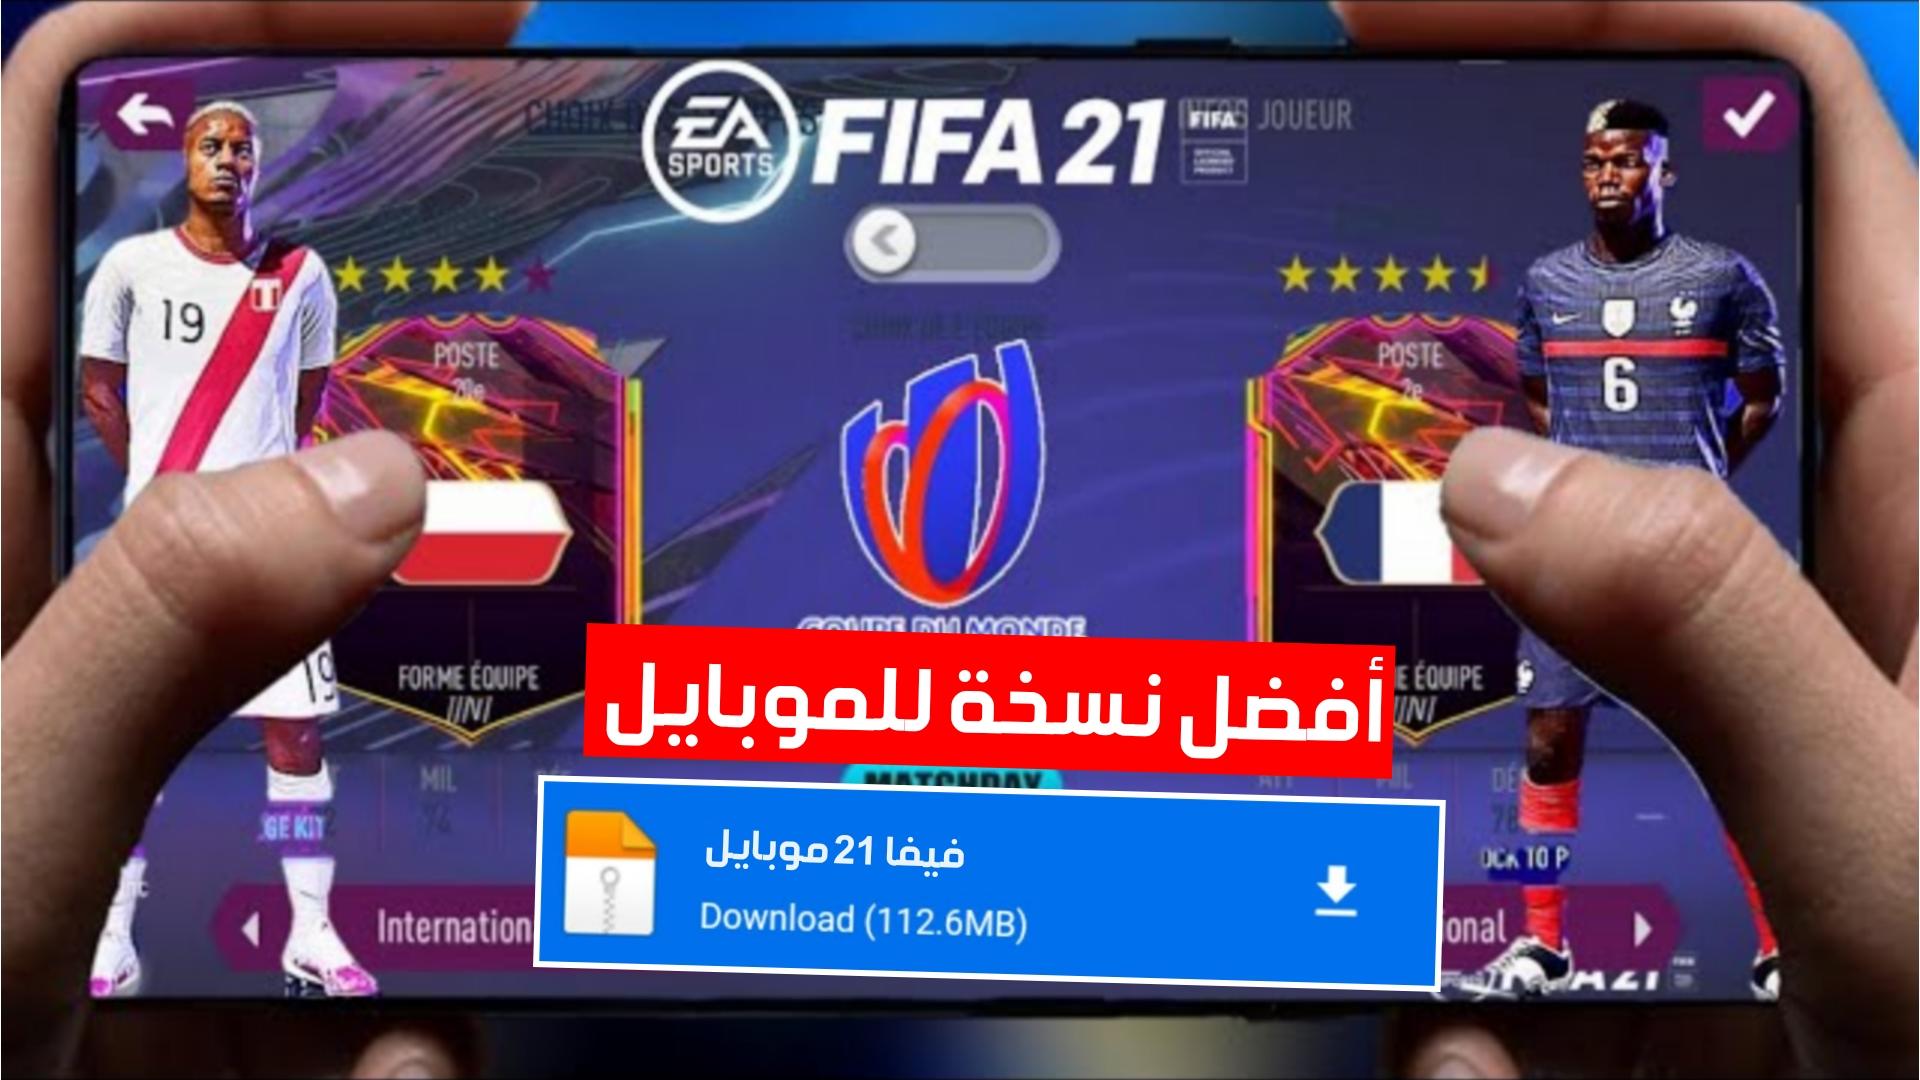 تحميل لعبة فيفا 21 بدون انترنت للاندرويد نسخة رهيبة جرافيك عالي فيفا 2021 موبايل